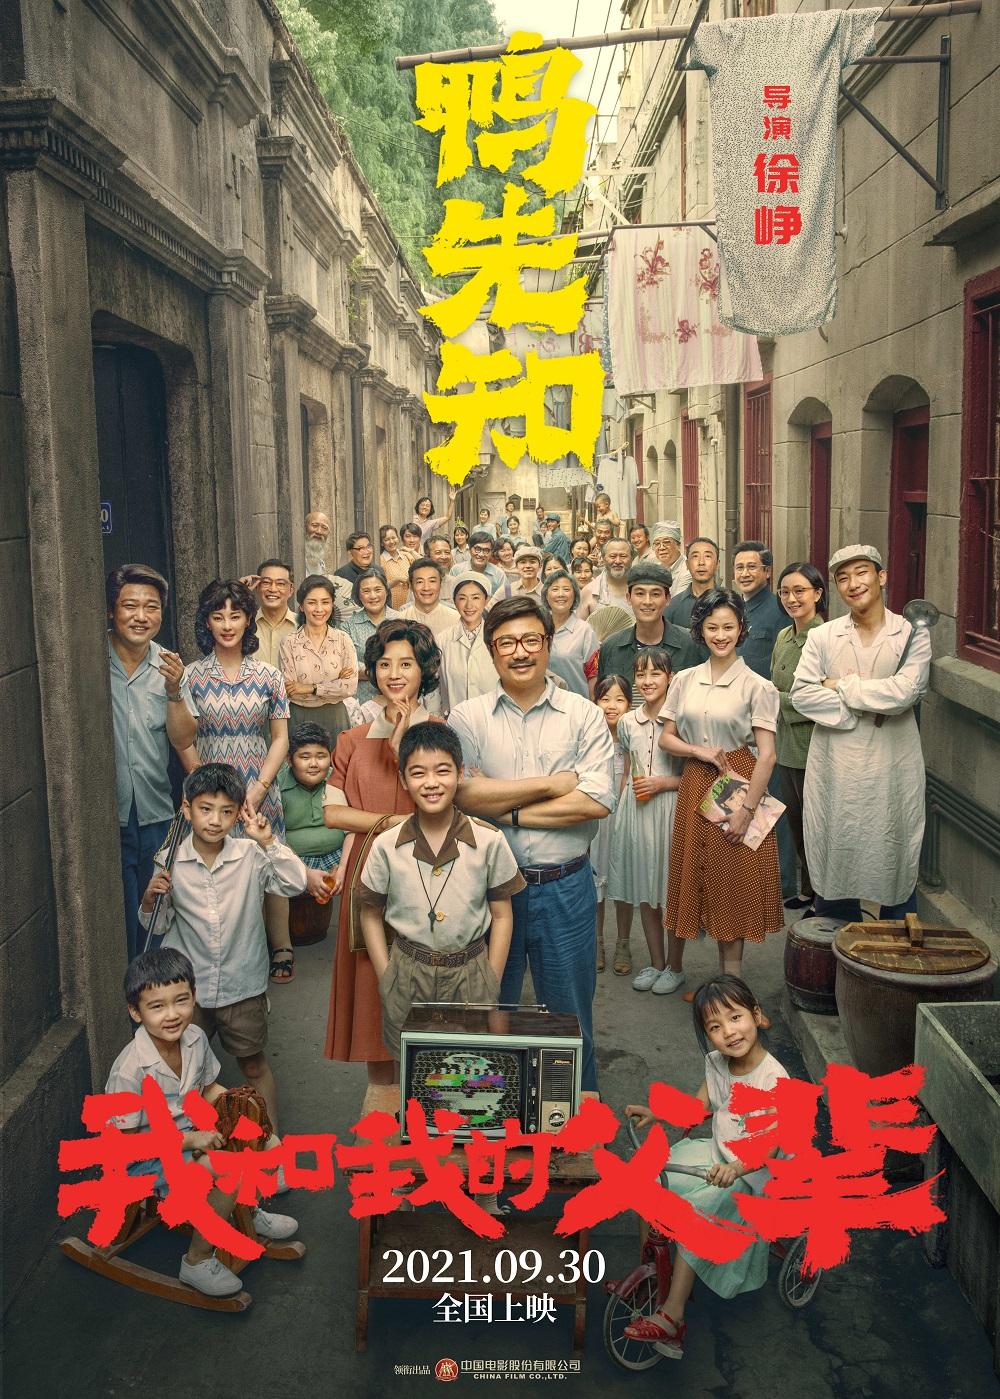 宋佳《我和我的父辈》今日上映 对话时代致敬父辈